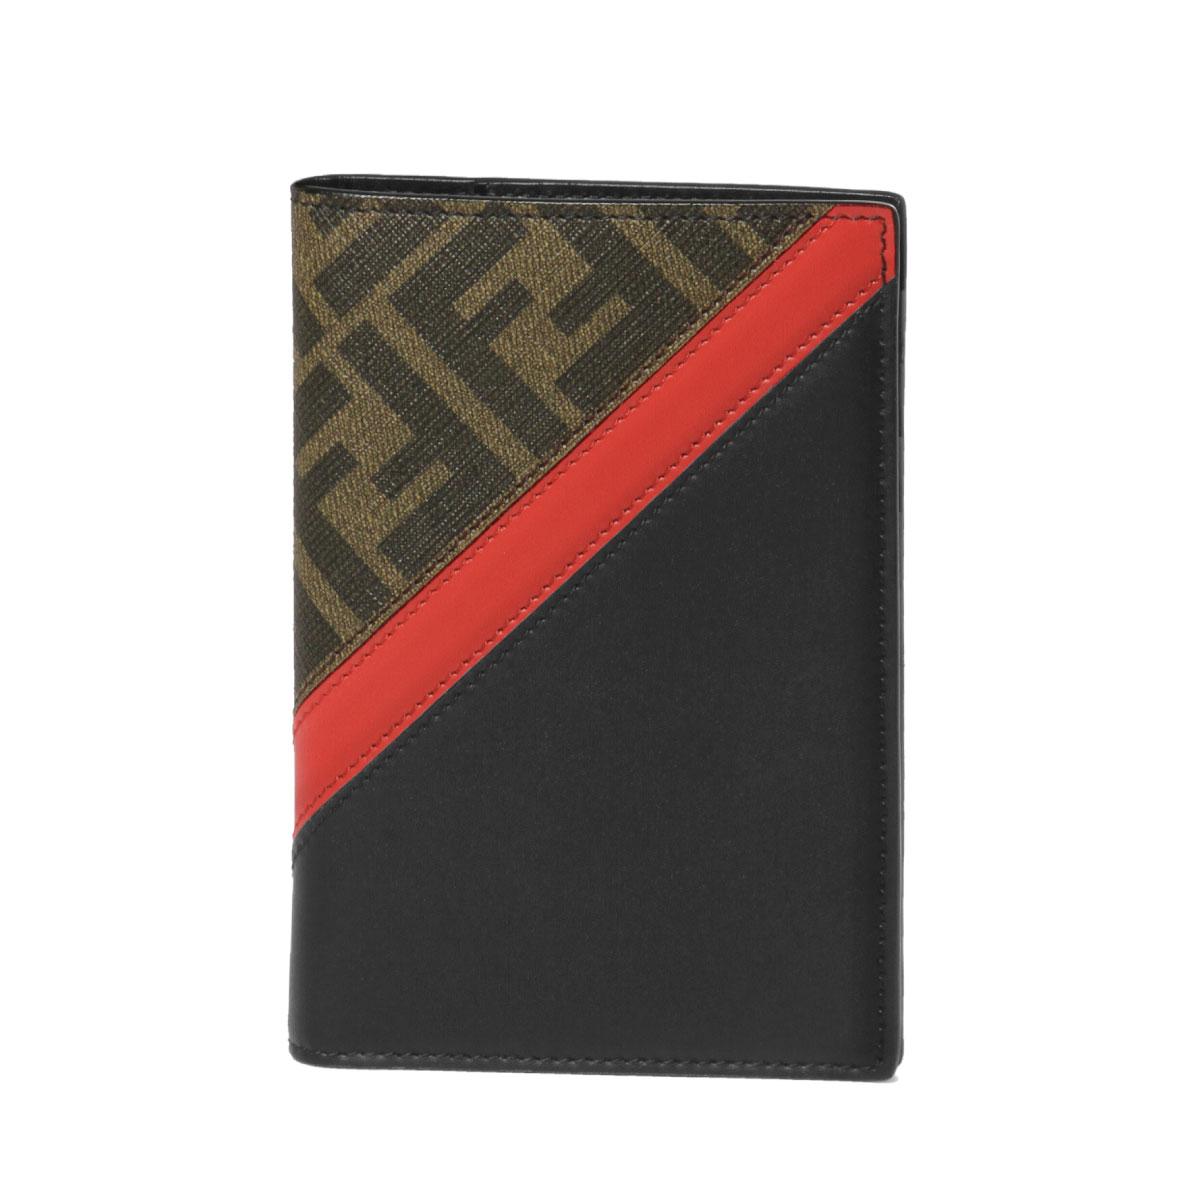 フェンディ FENDI パスポートケース メンズ 7M0282 A9XS F19P9 TAB+ROSSO+NR+P ブラウン